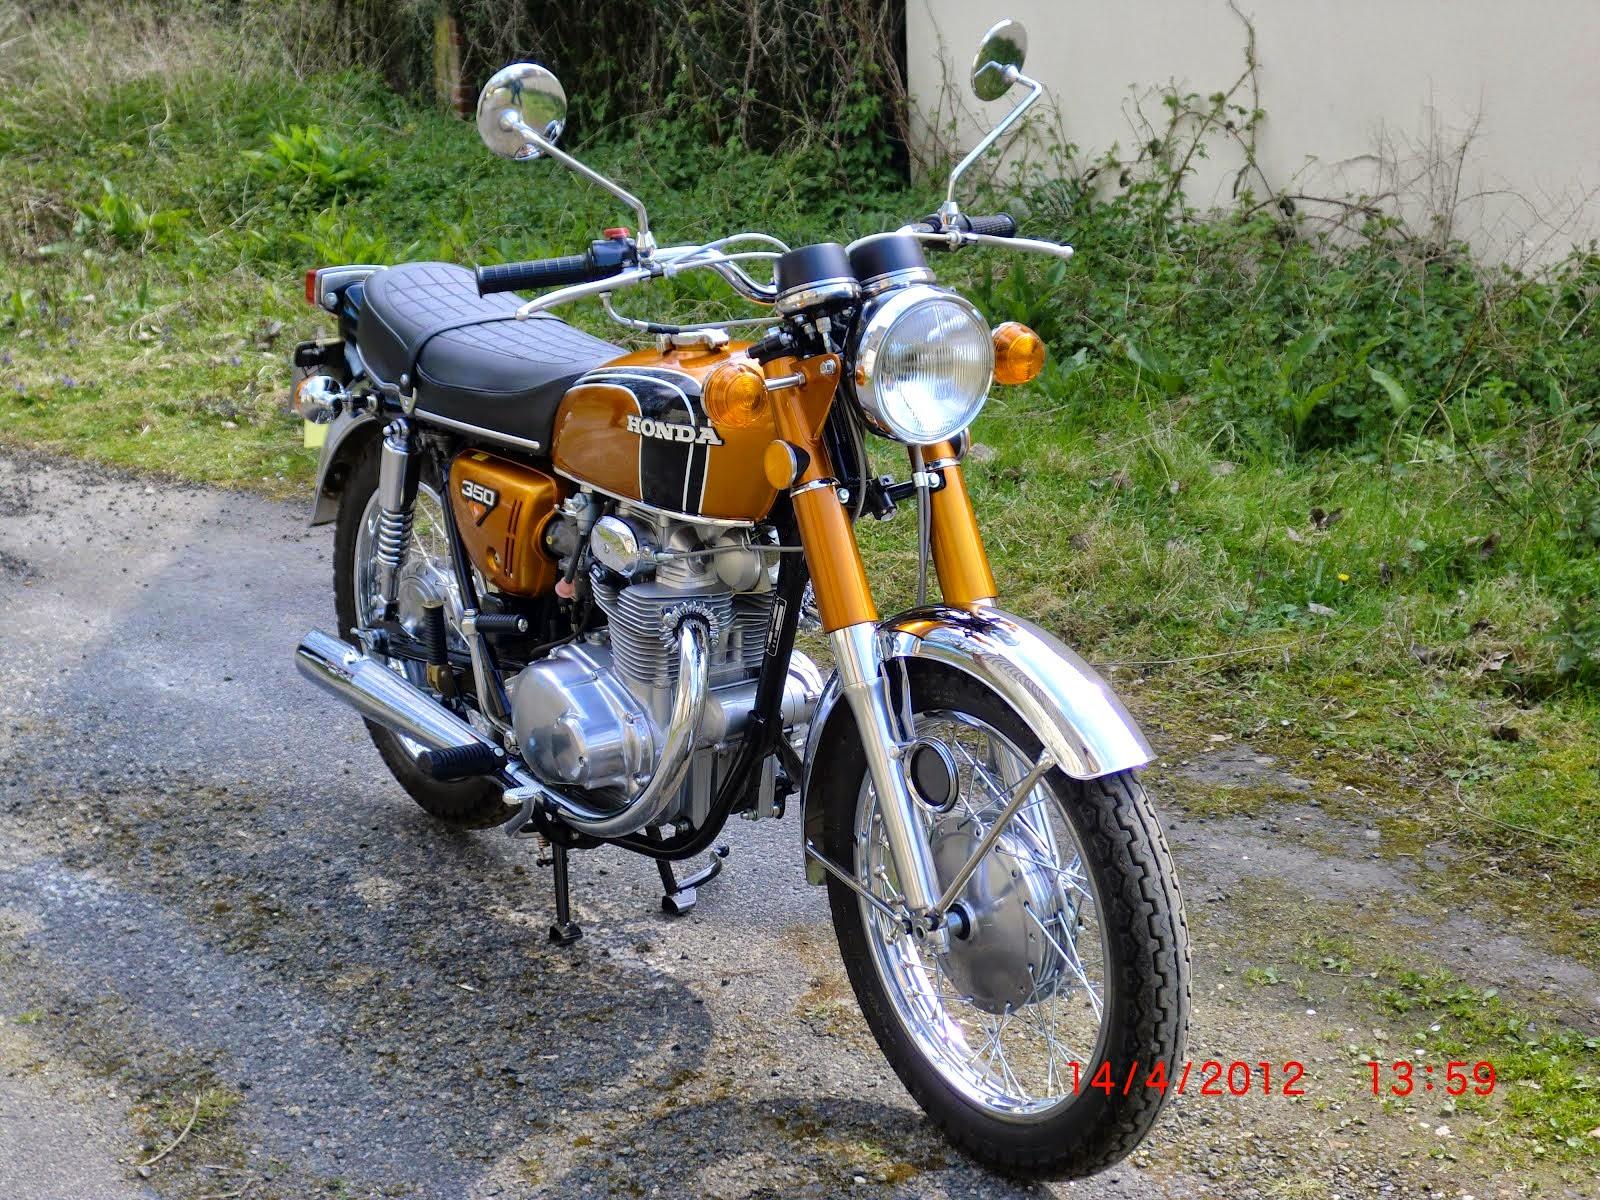 Modifikasi Motor Trail Klasik Modifikasi Motor Honda Klasik